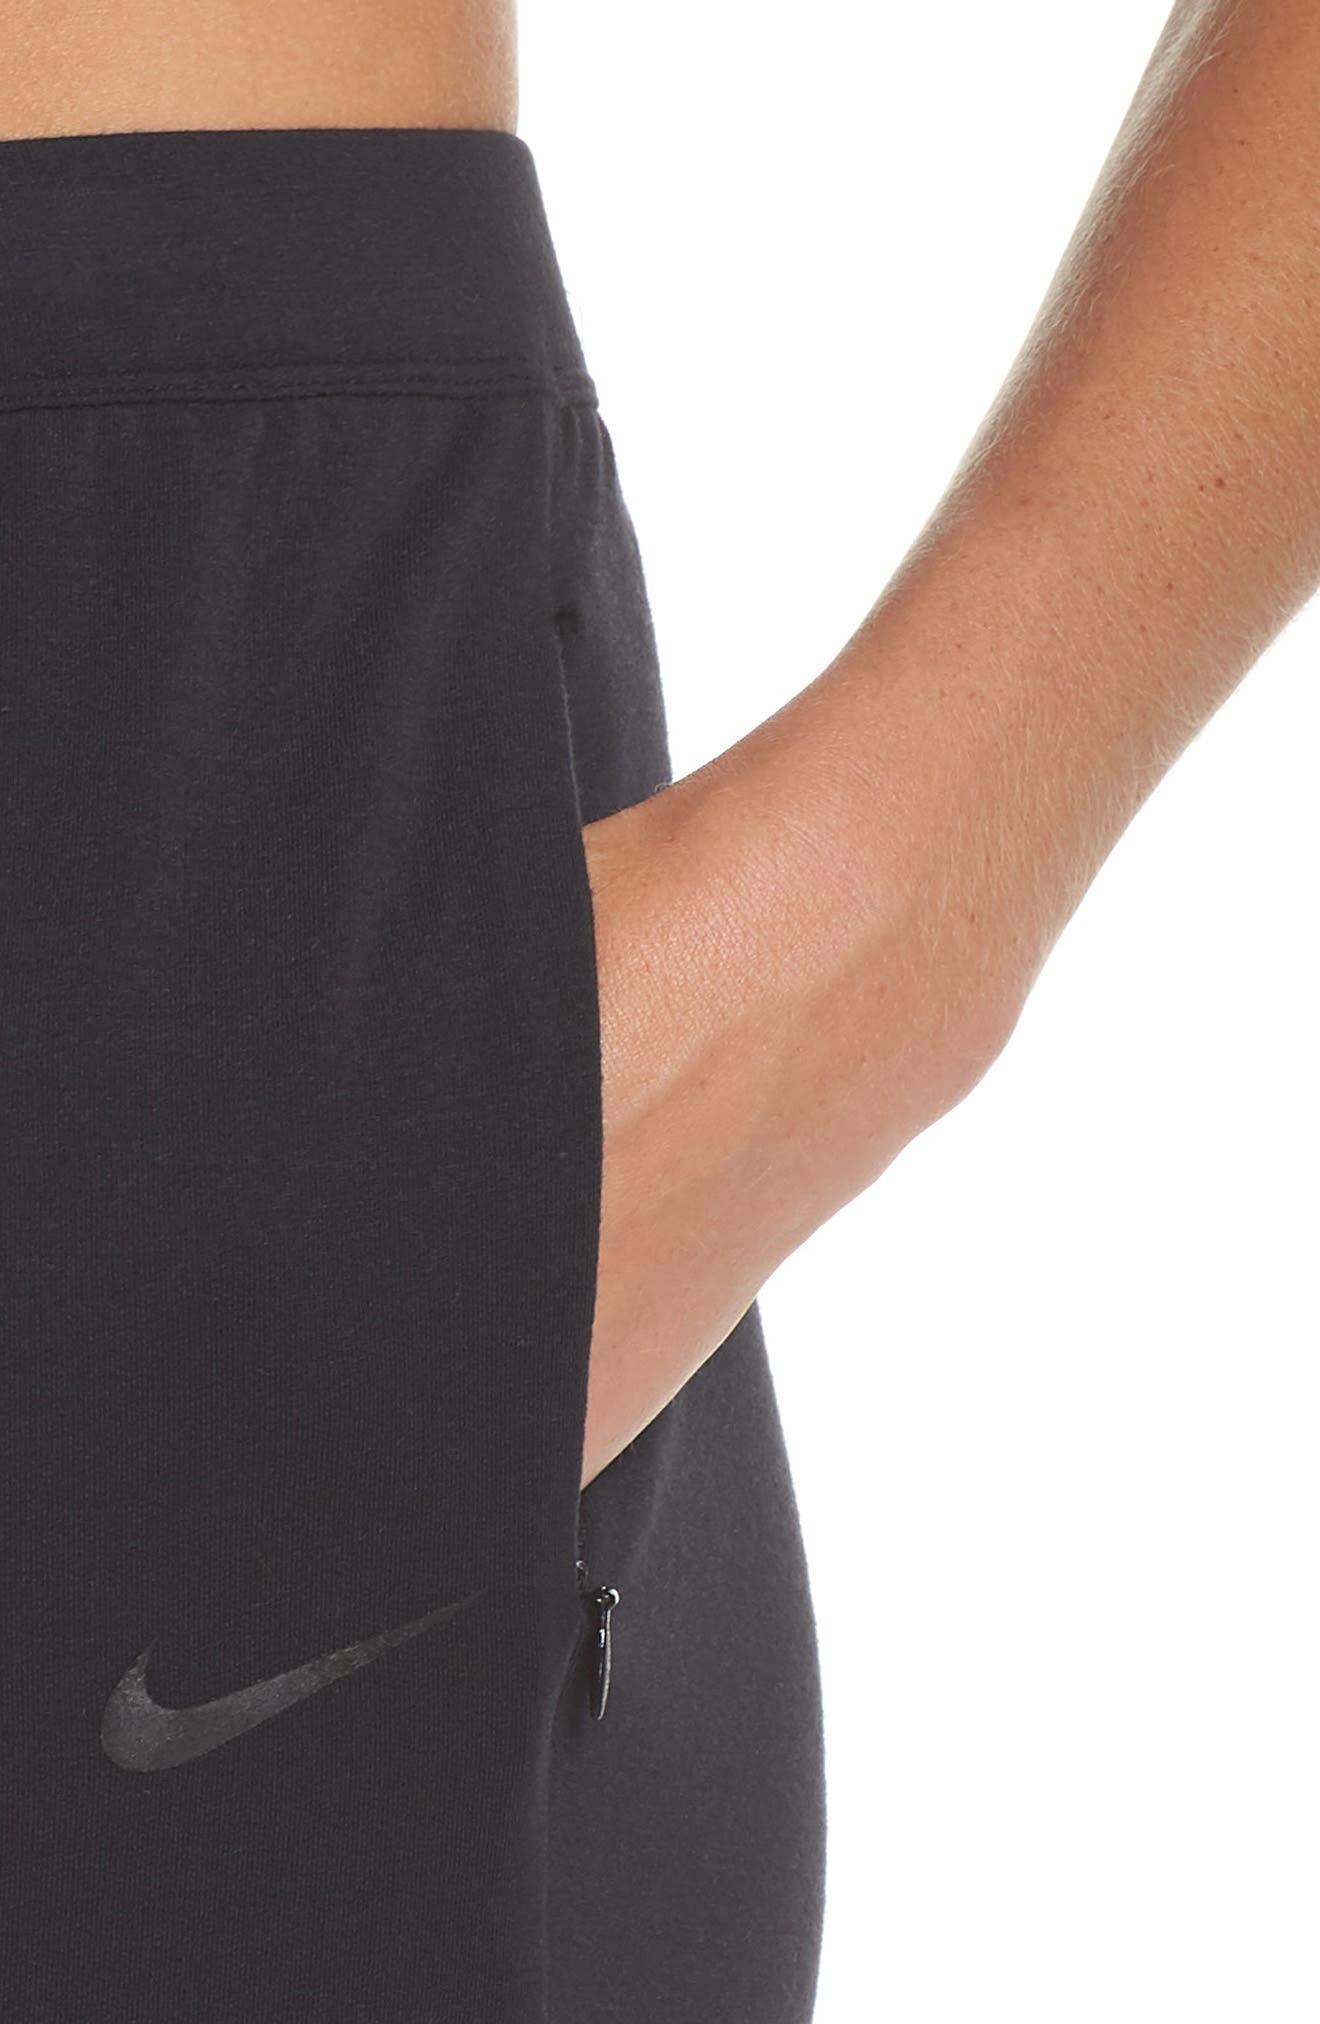 NIKE,                             Dry Studio Training Pants,                             Alternate thumbnail 4, color,                             BLACK/ BLACK